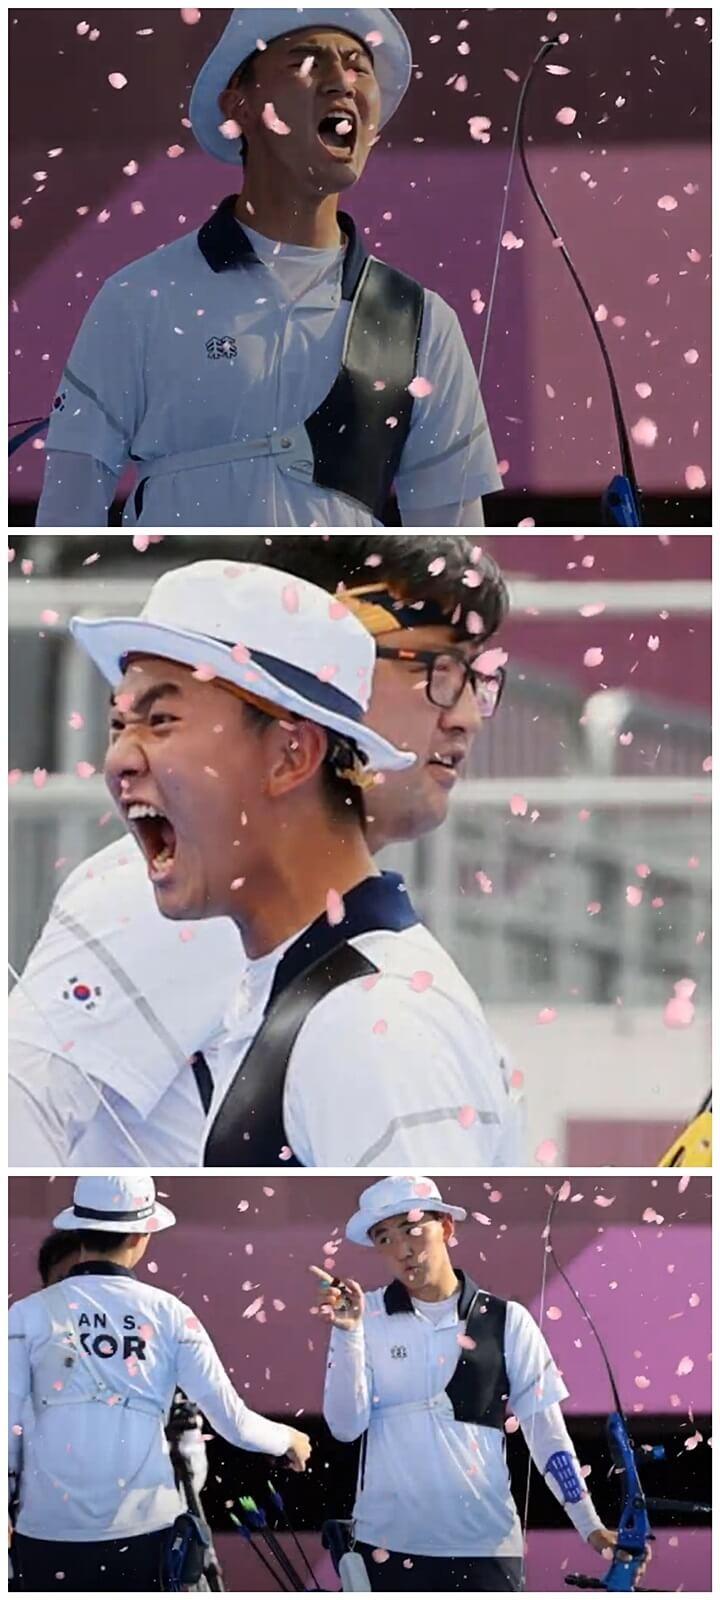 양궁선수-김제덕-파이팅-도쿄올림픽